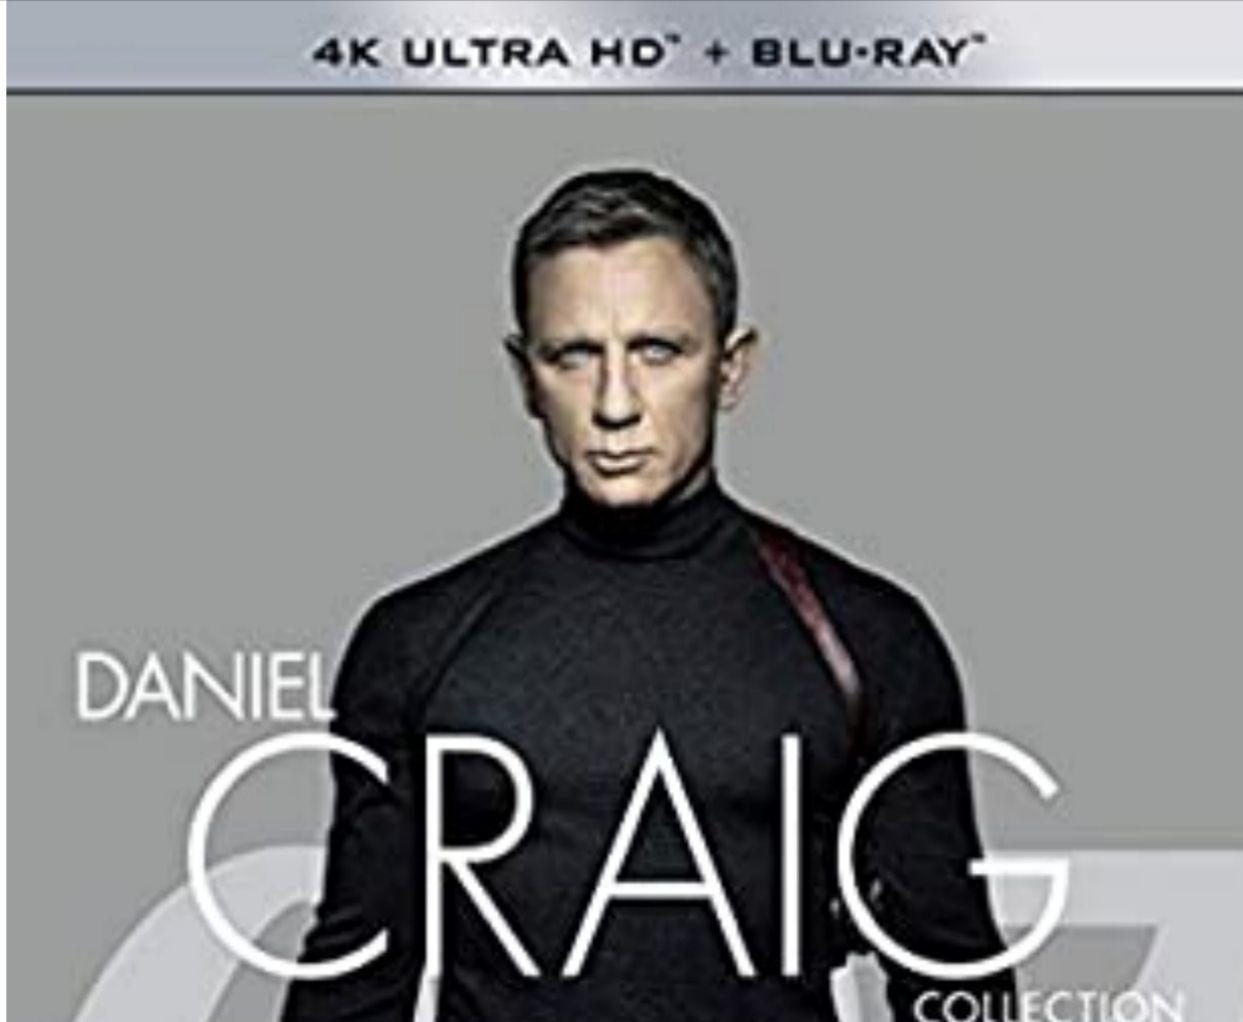 James Bond Collection 4K Daniel Craig